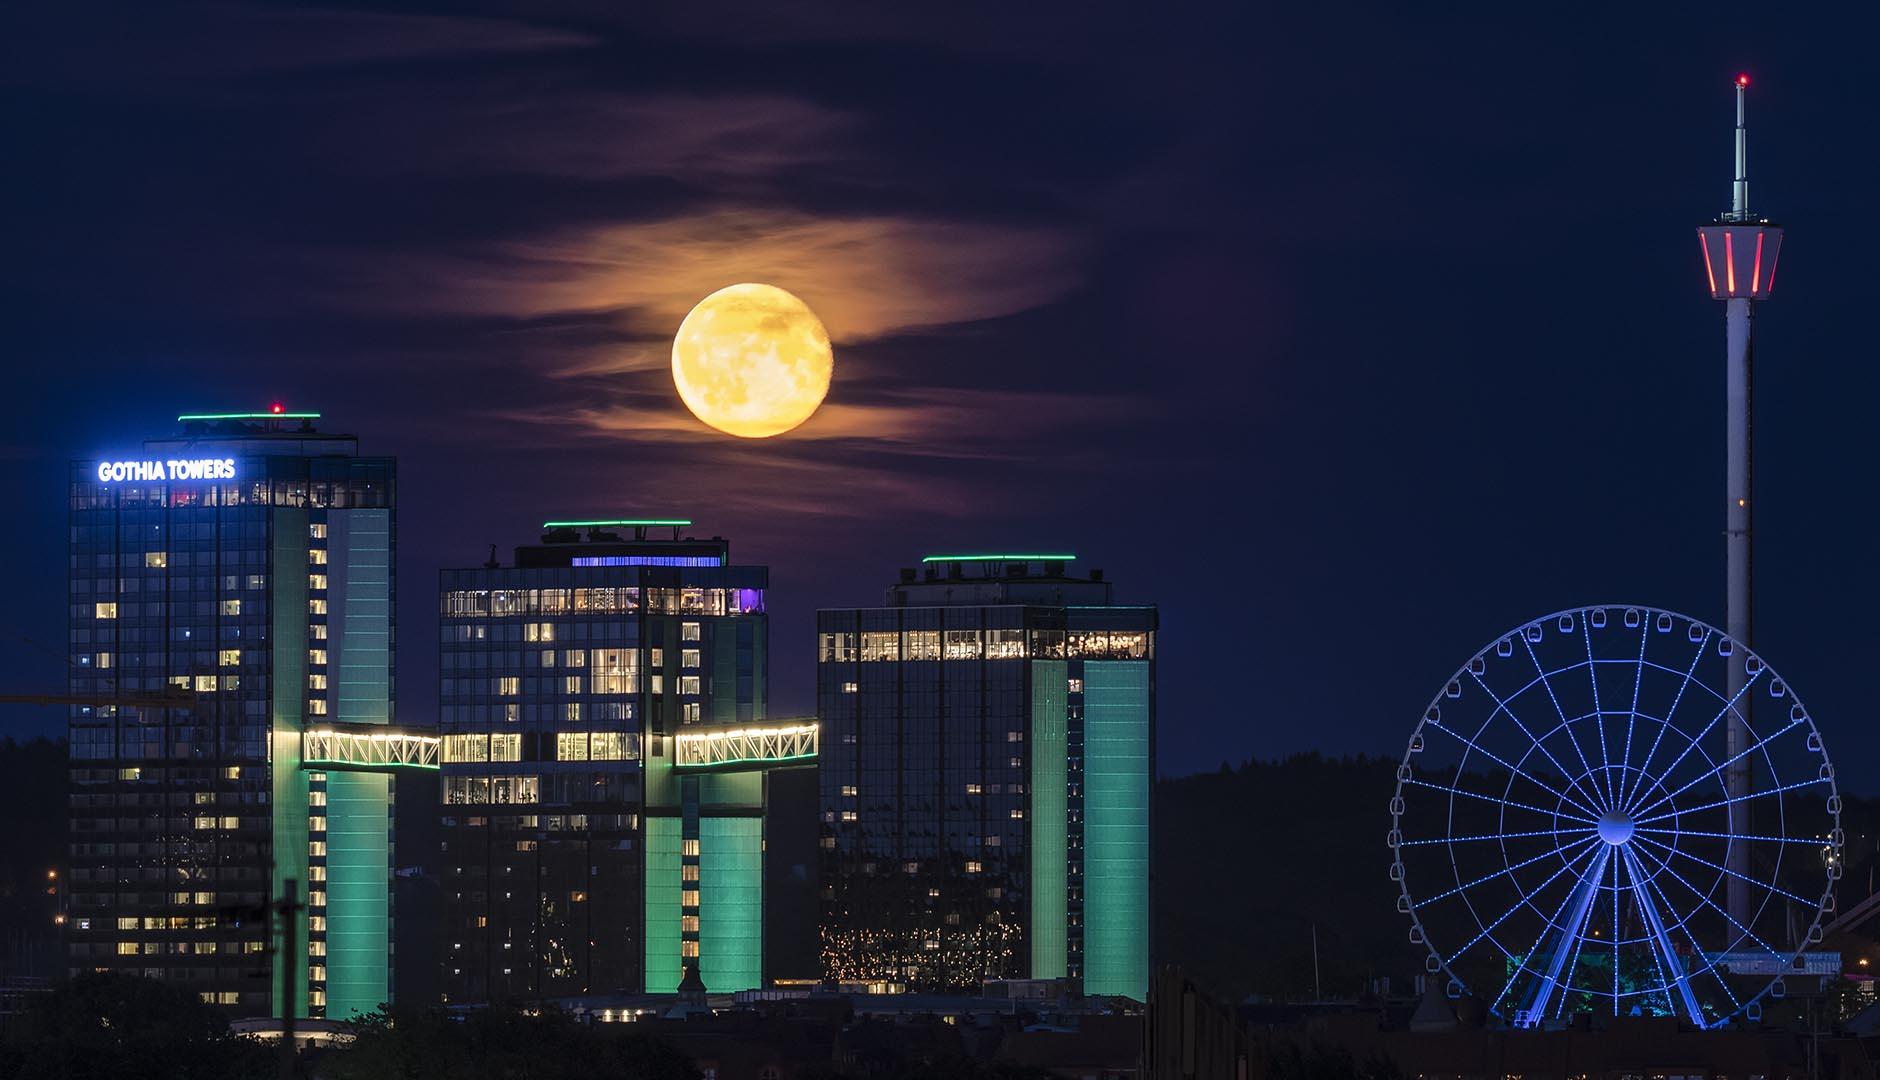 Hotell Gothia Towers upplyst av fullmåne